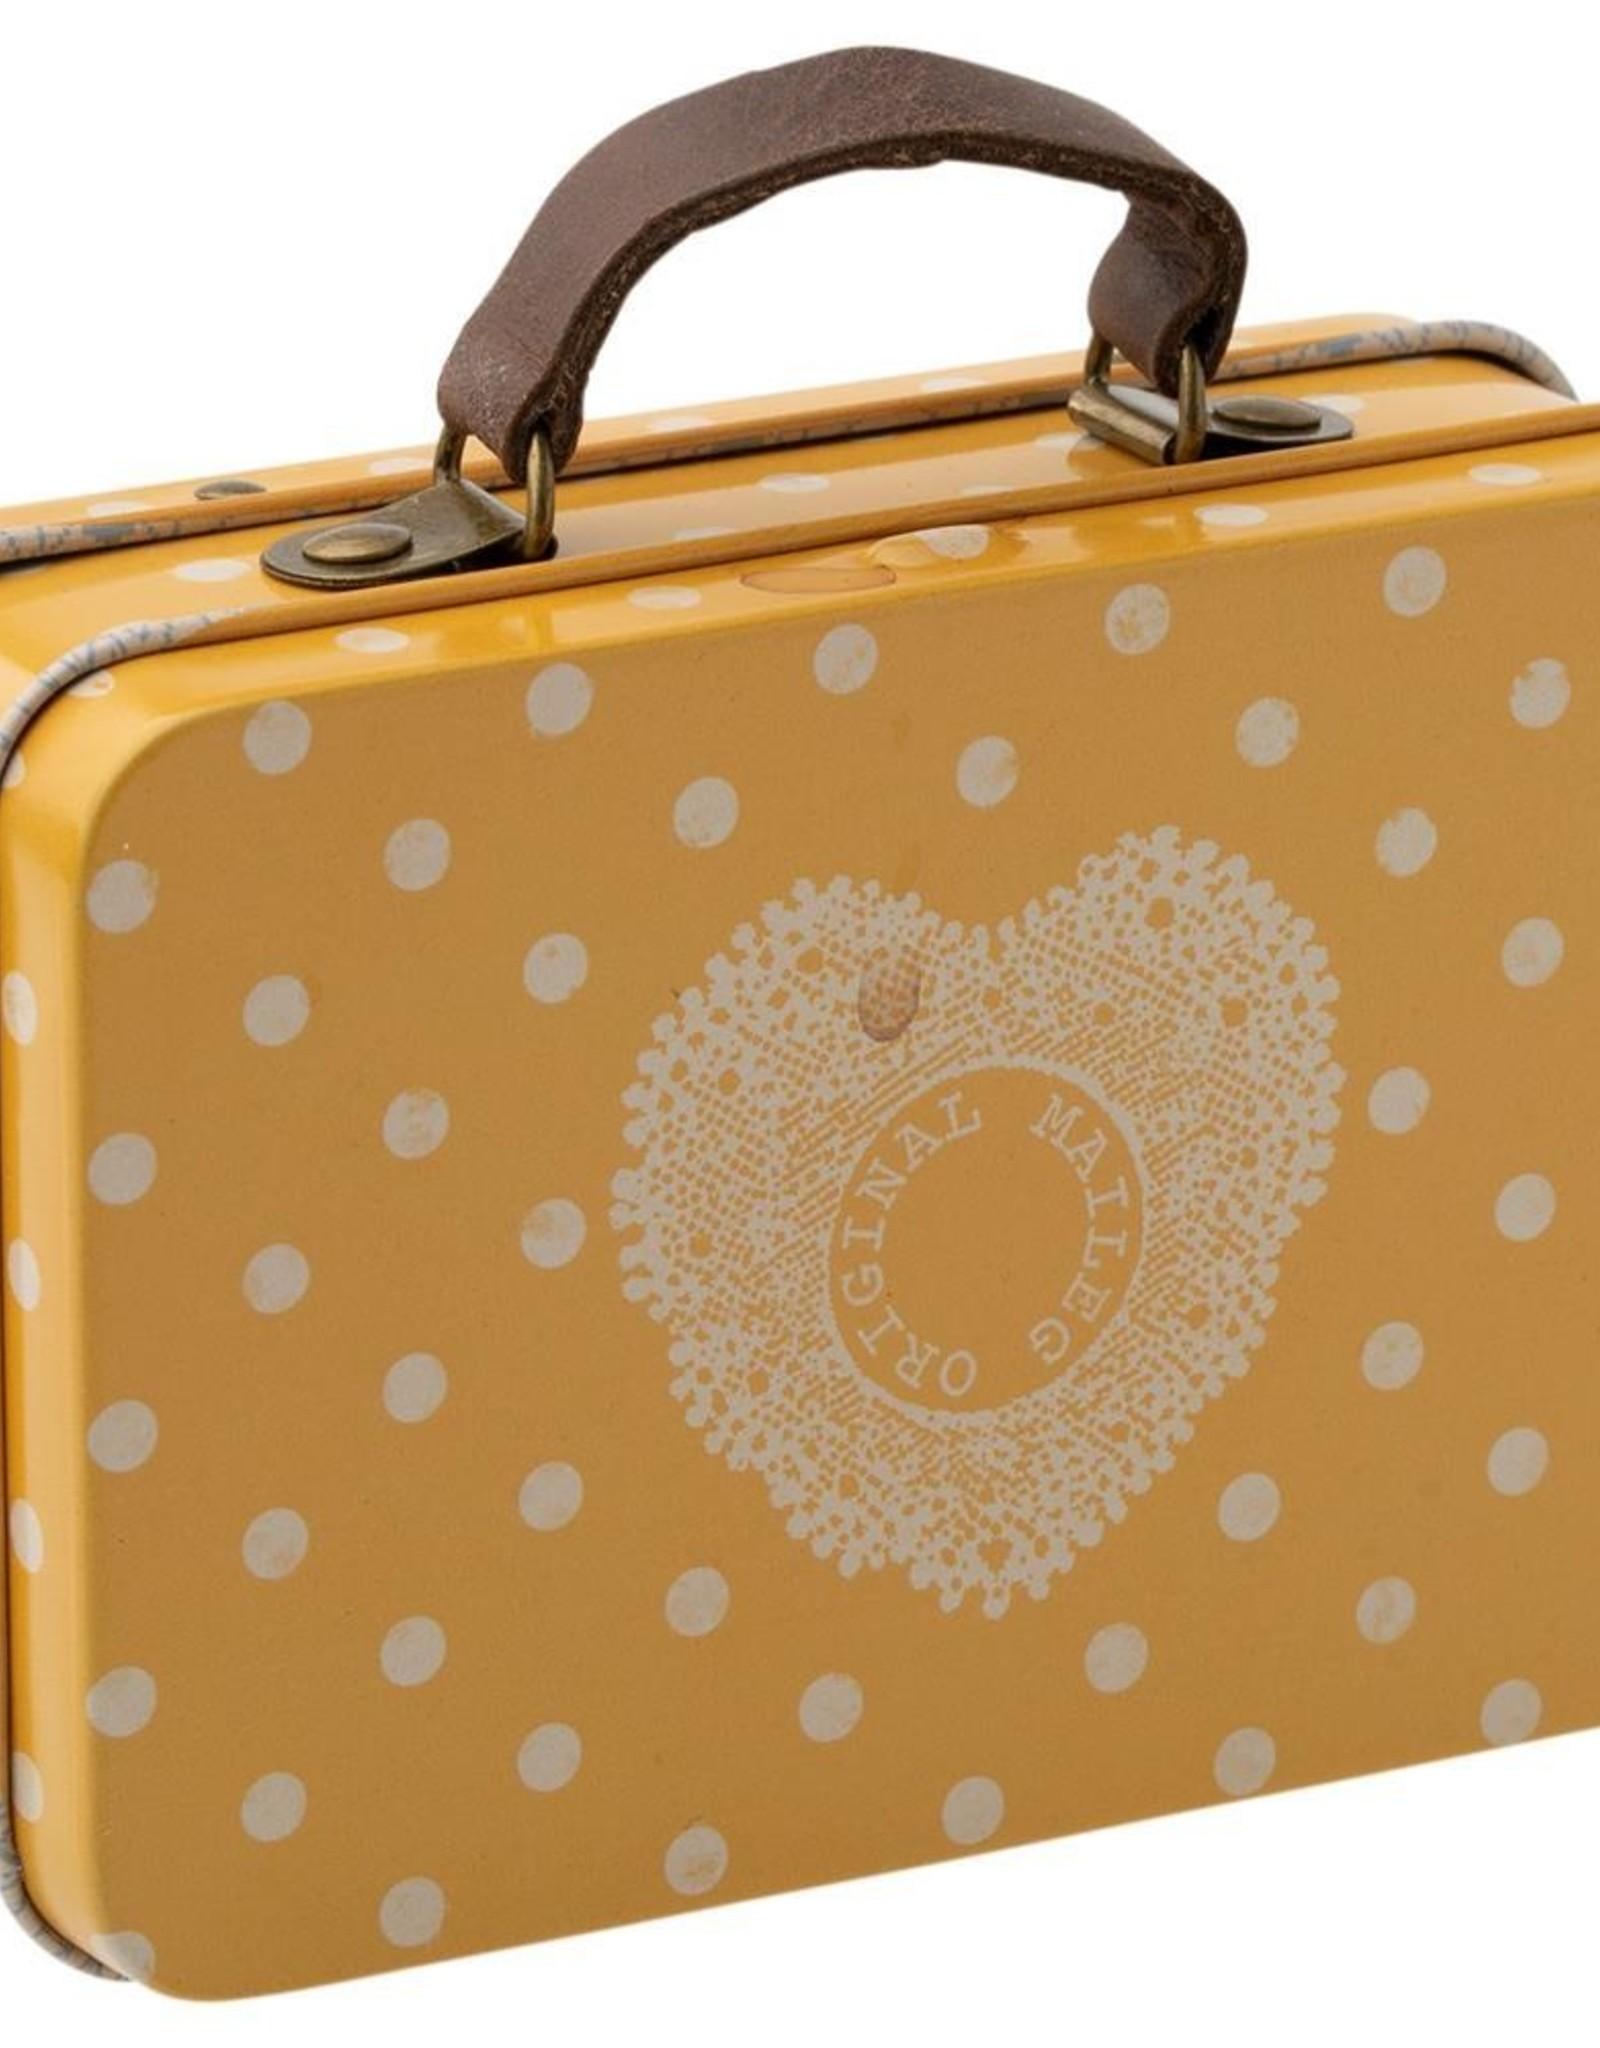 Maileg Metalen koffertje Yellow Dots